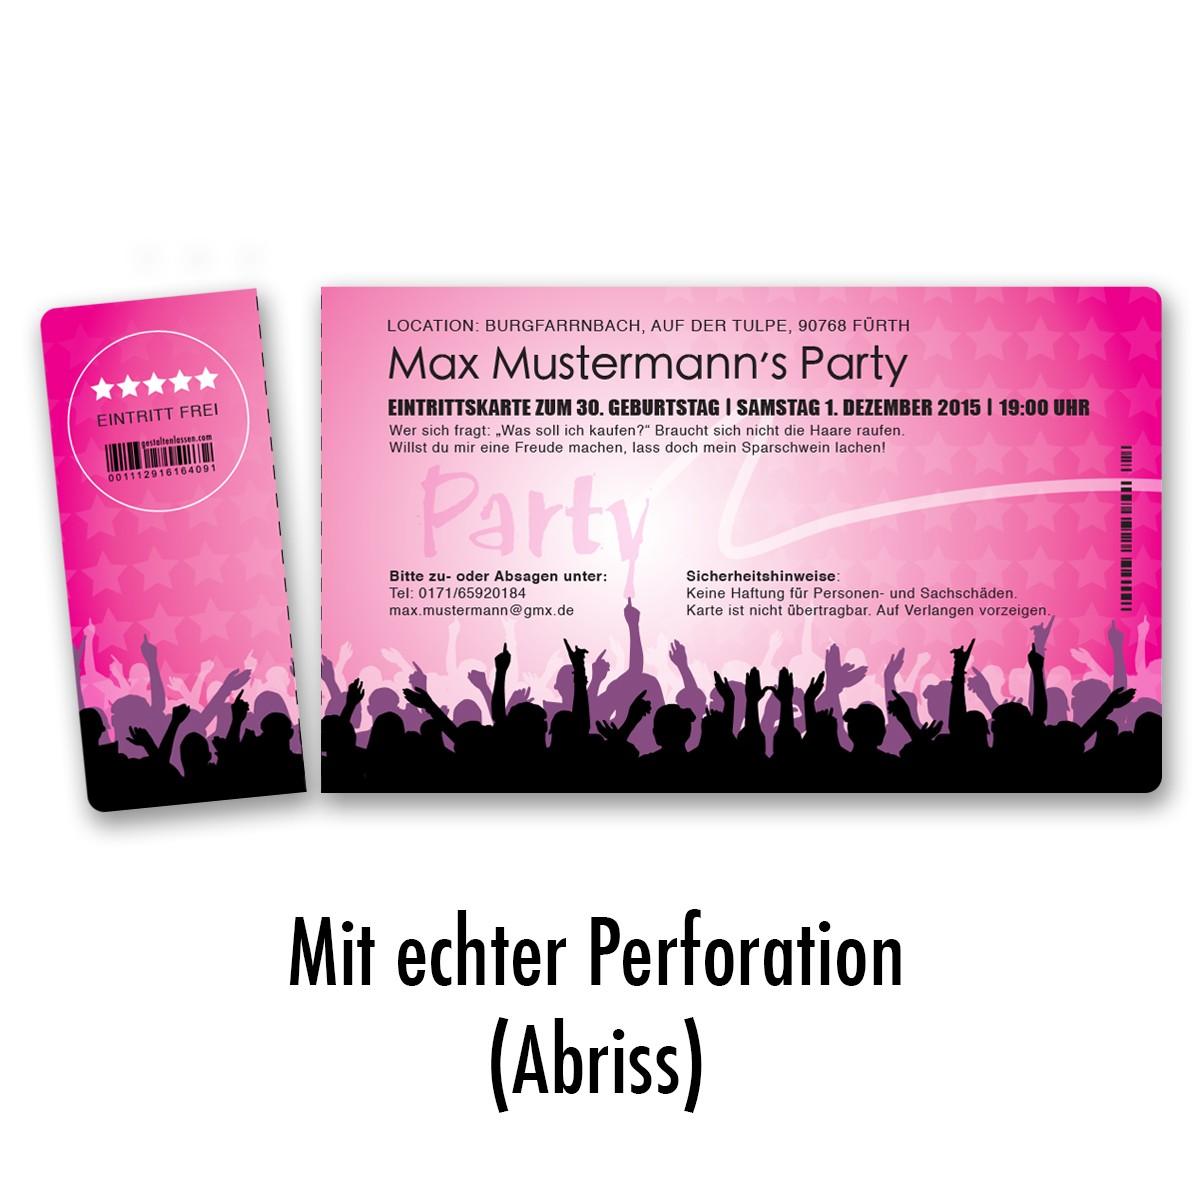 Einladungskarten als Eintrittskarte in Pink ab 45 Cent / Einladung ... - Exklusive Einladungskarten